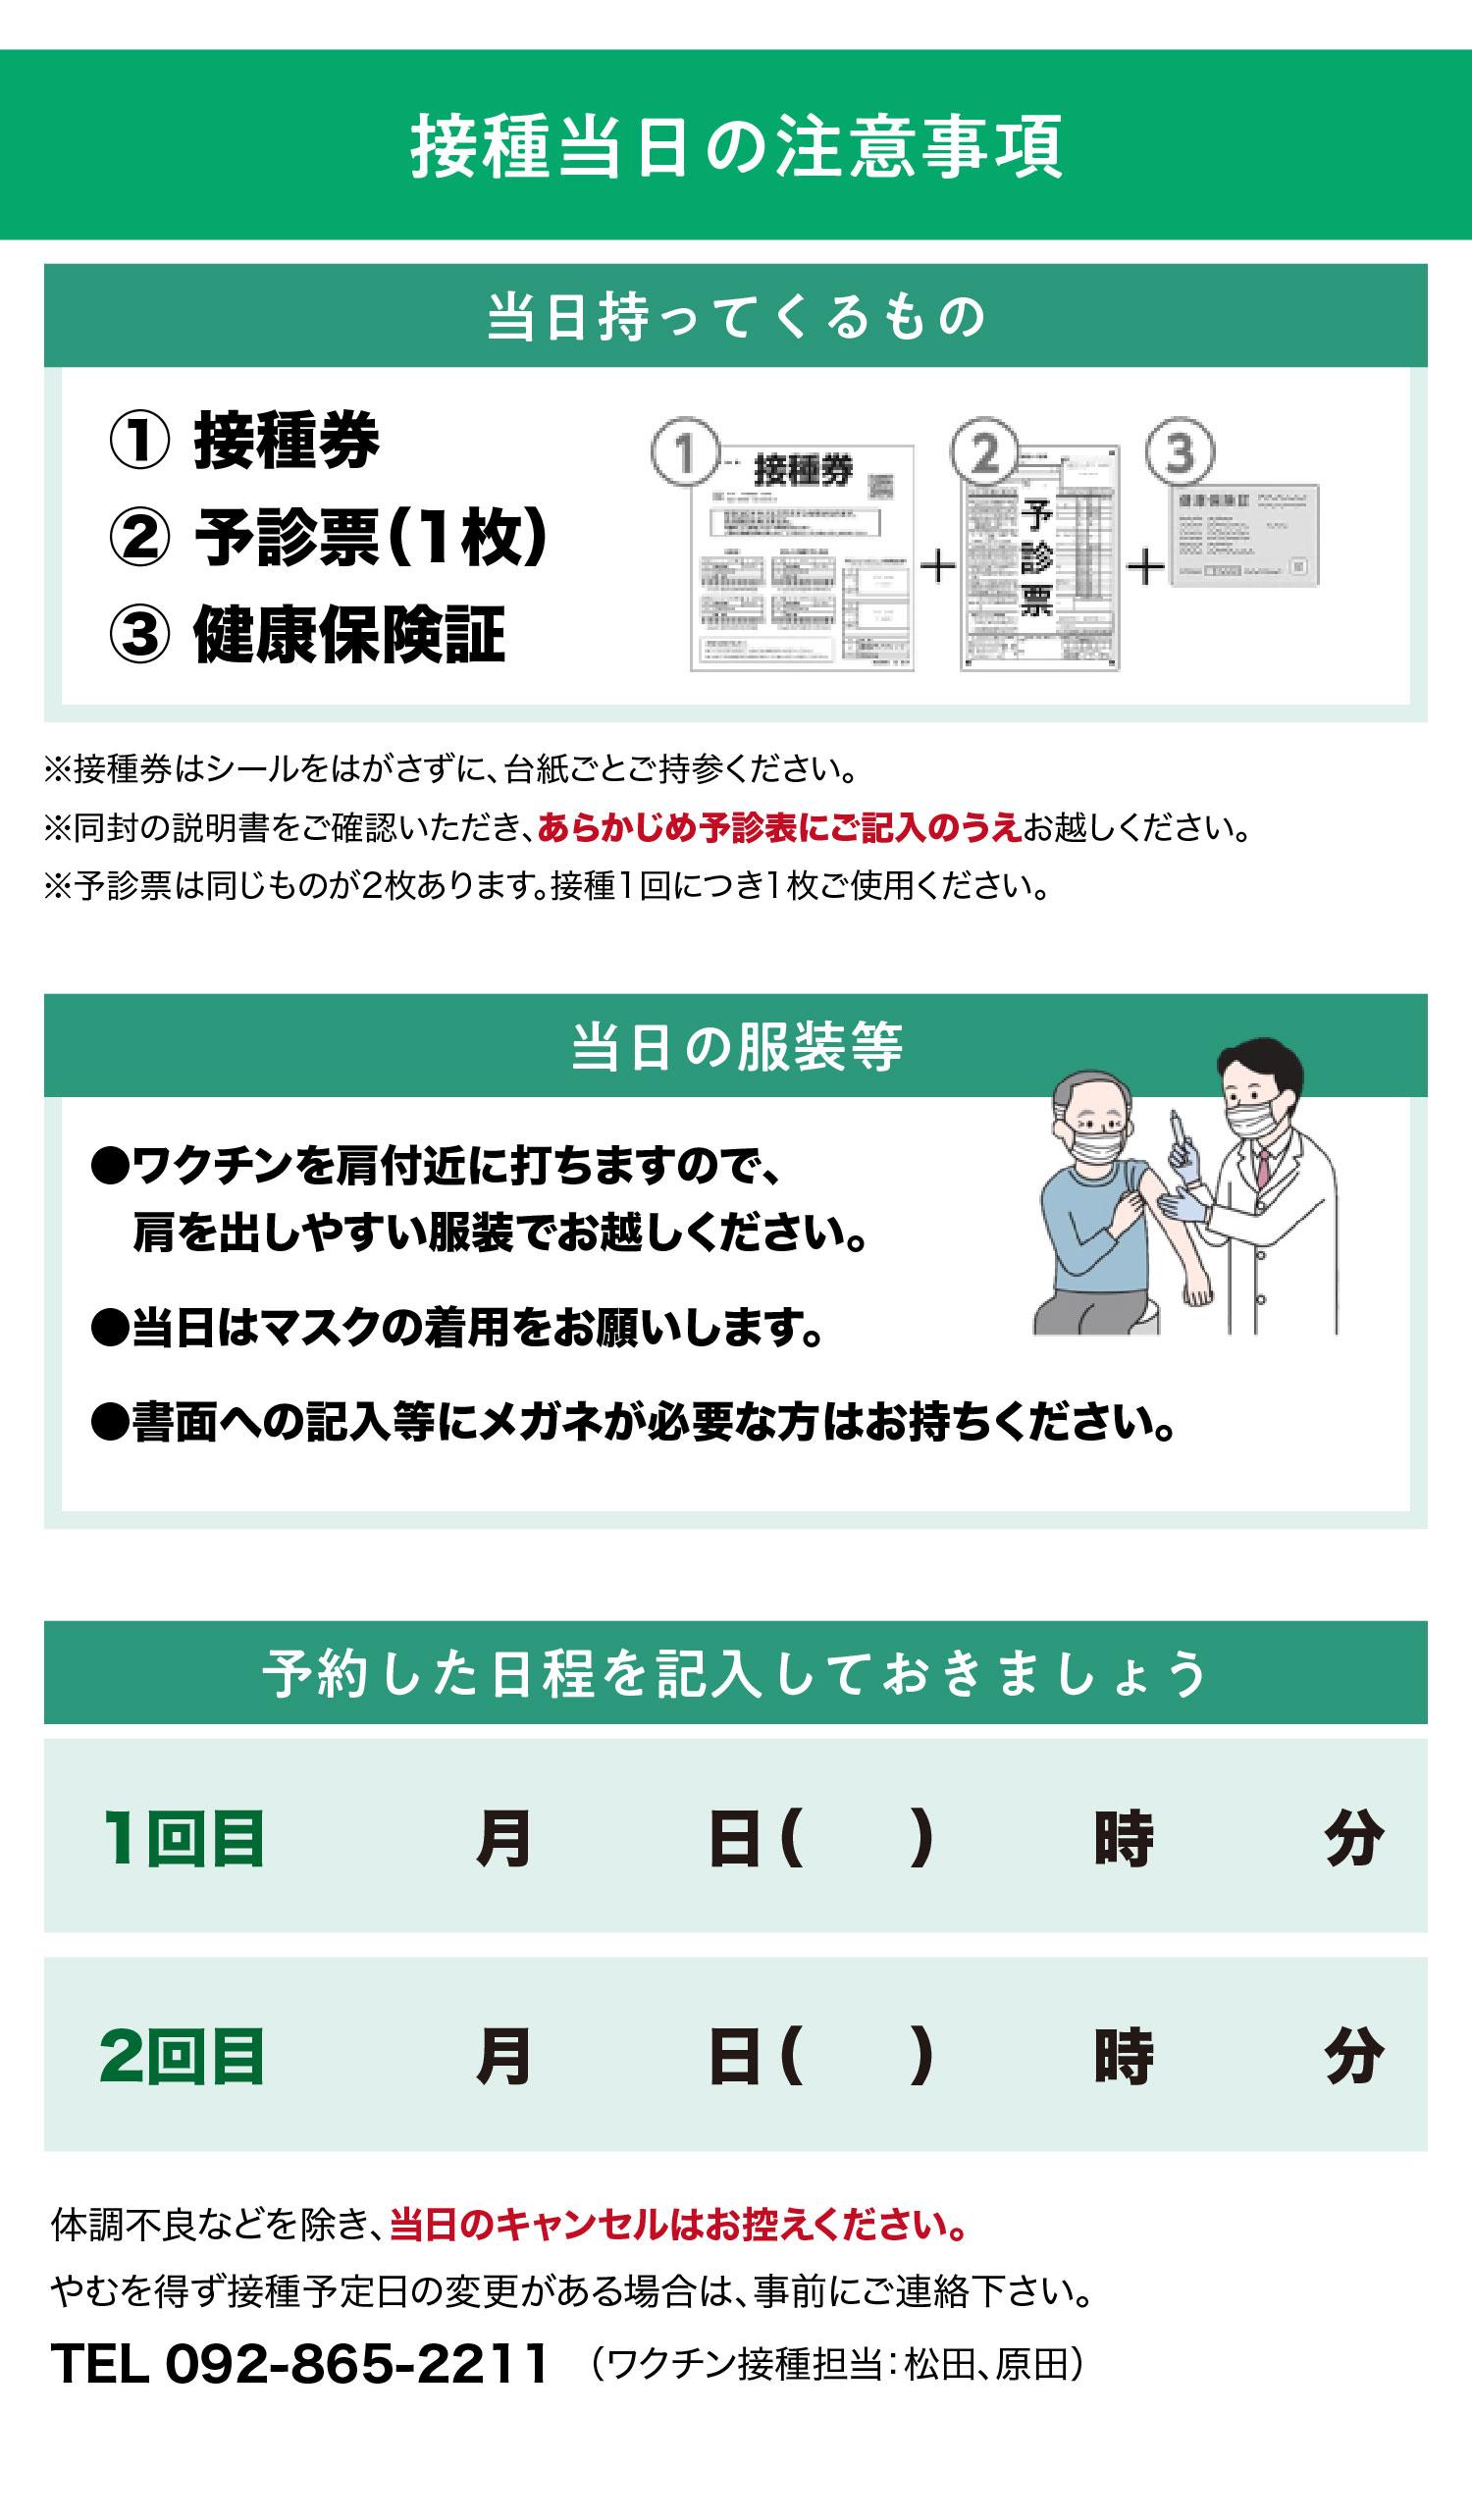 新型コロナワクチン接種の予約について